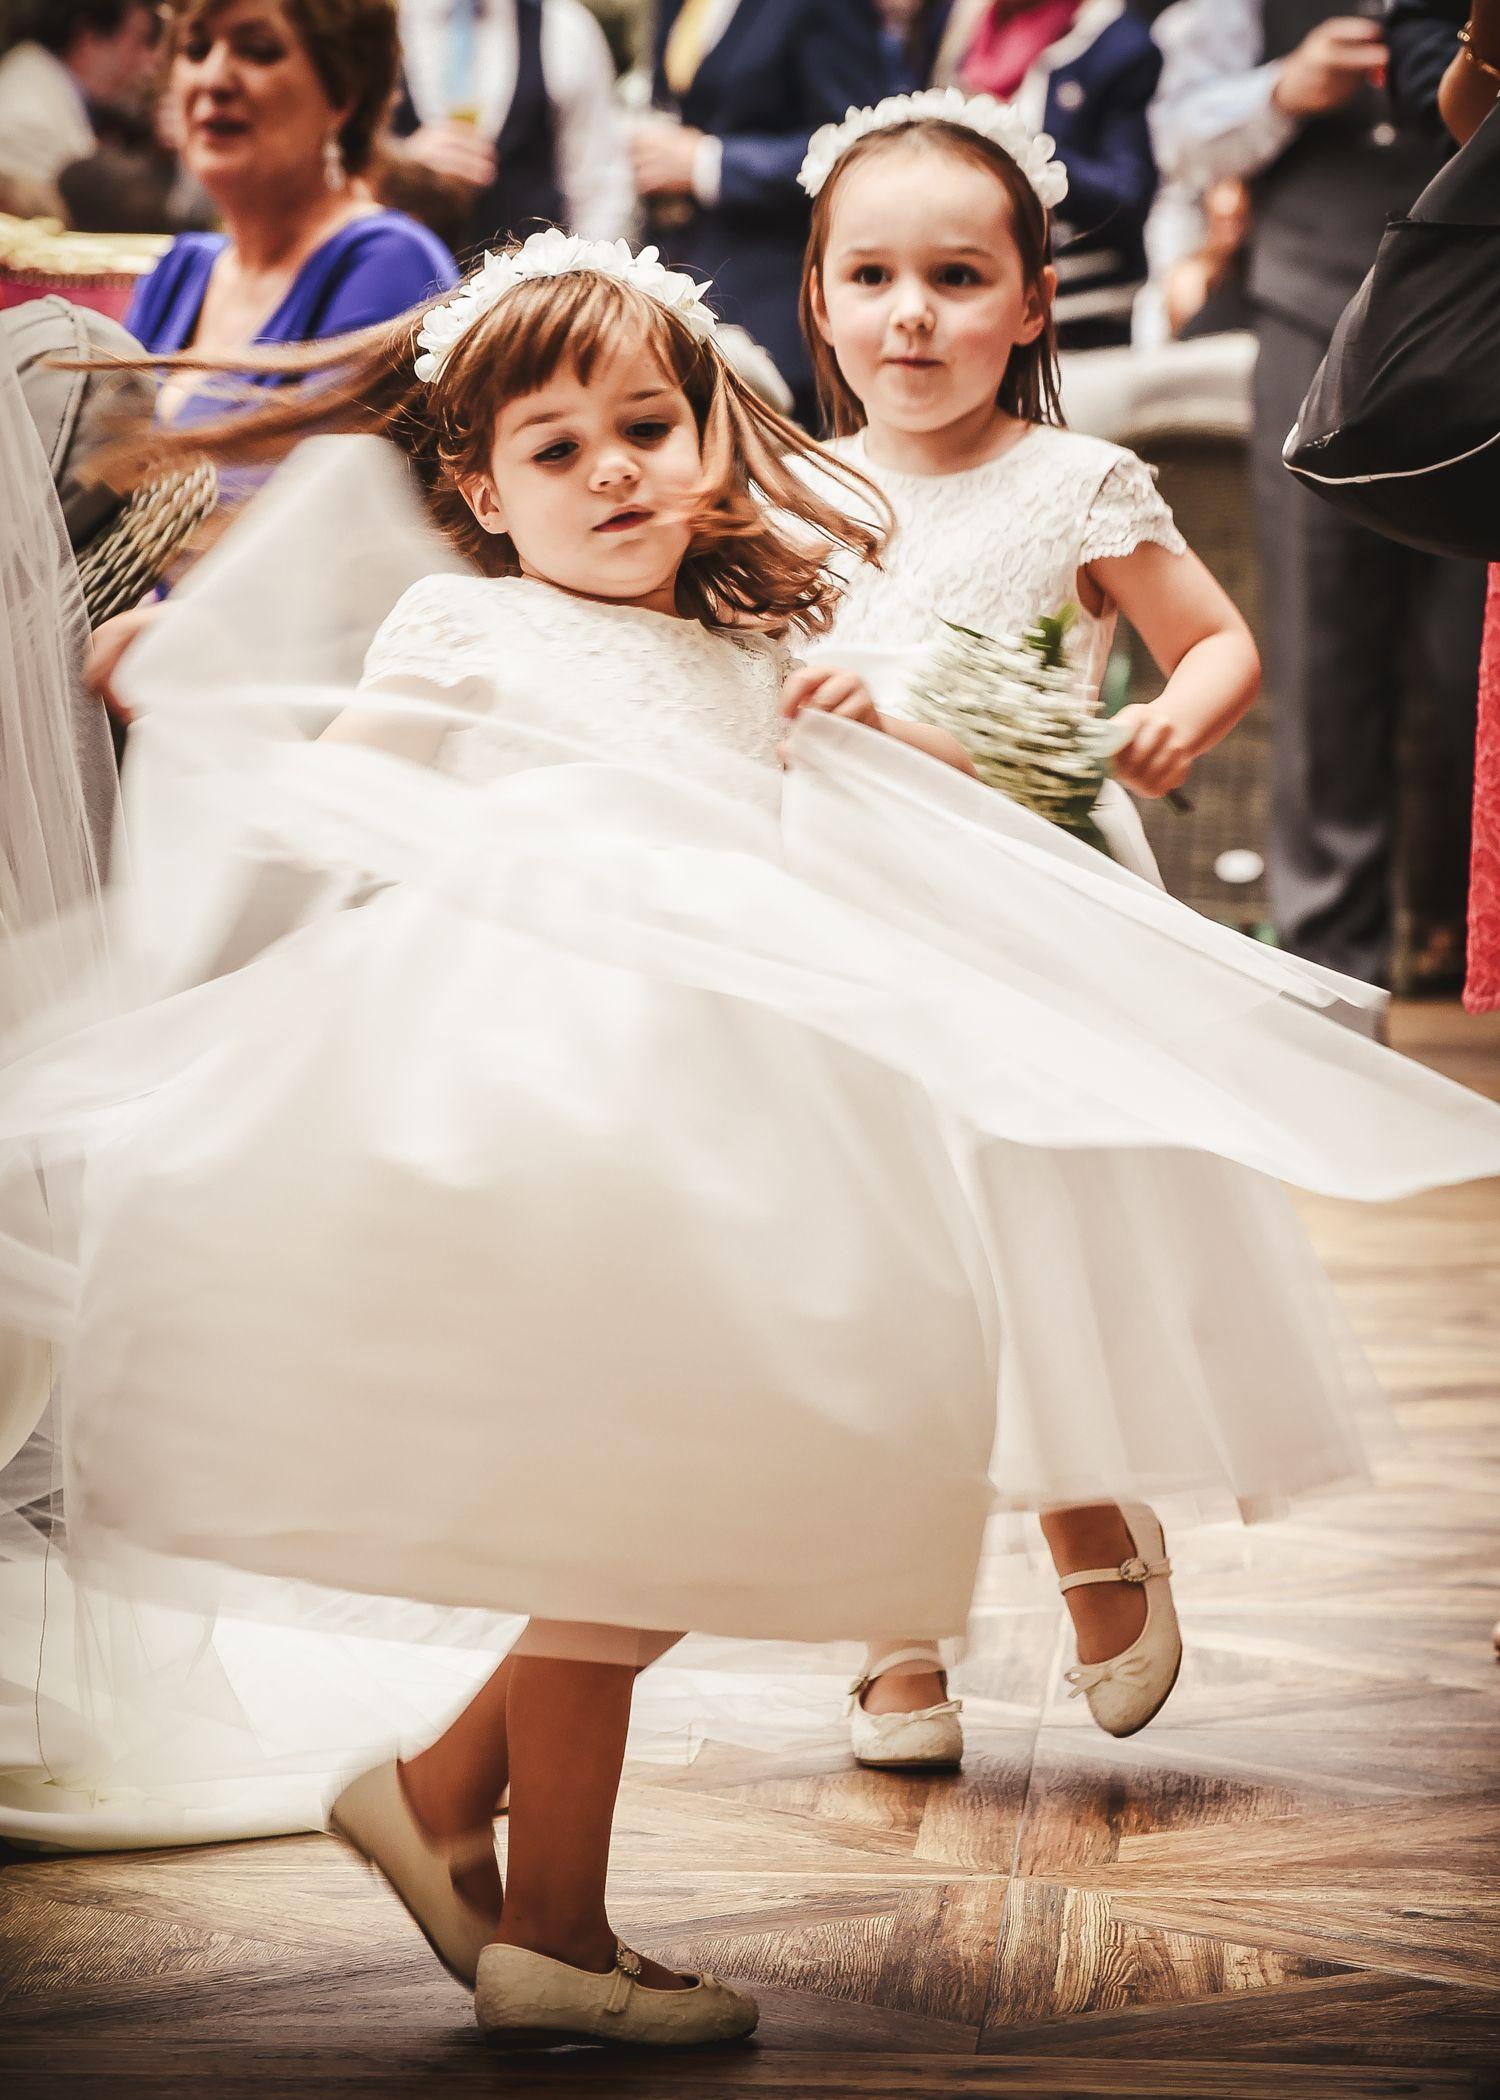 girl photoshoot in wedding